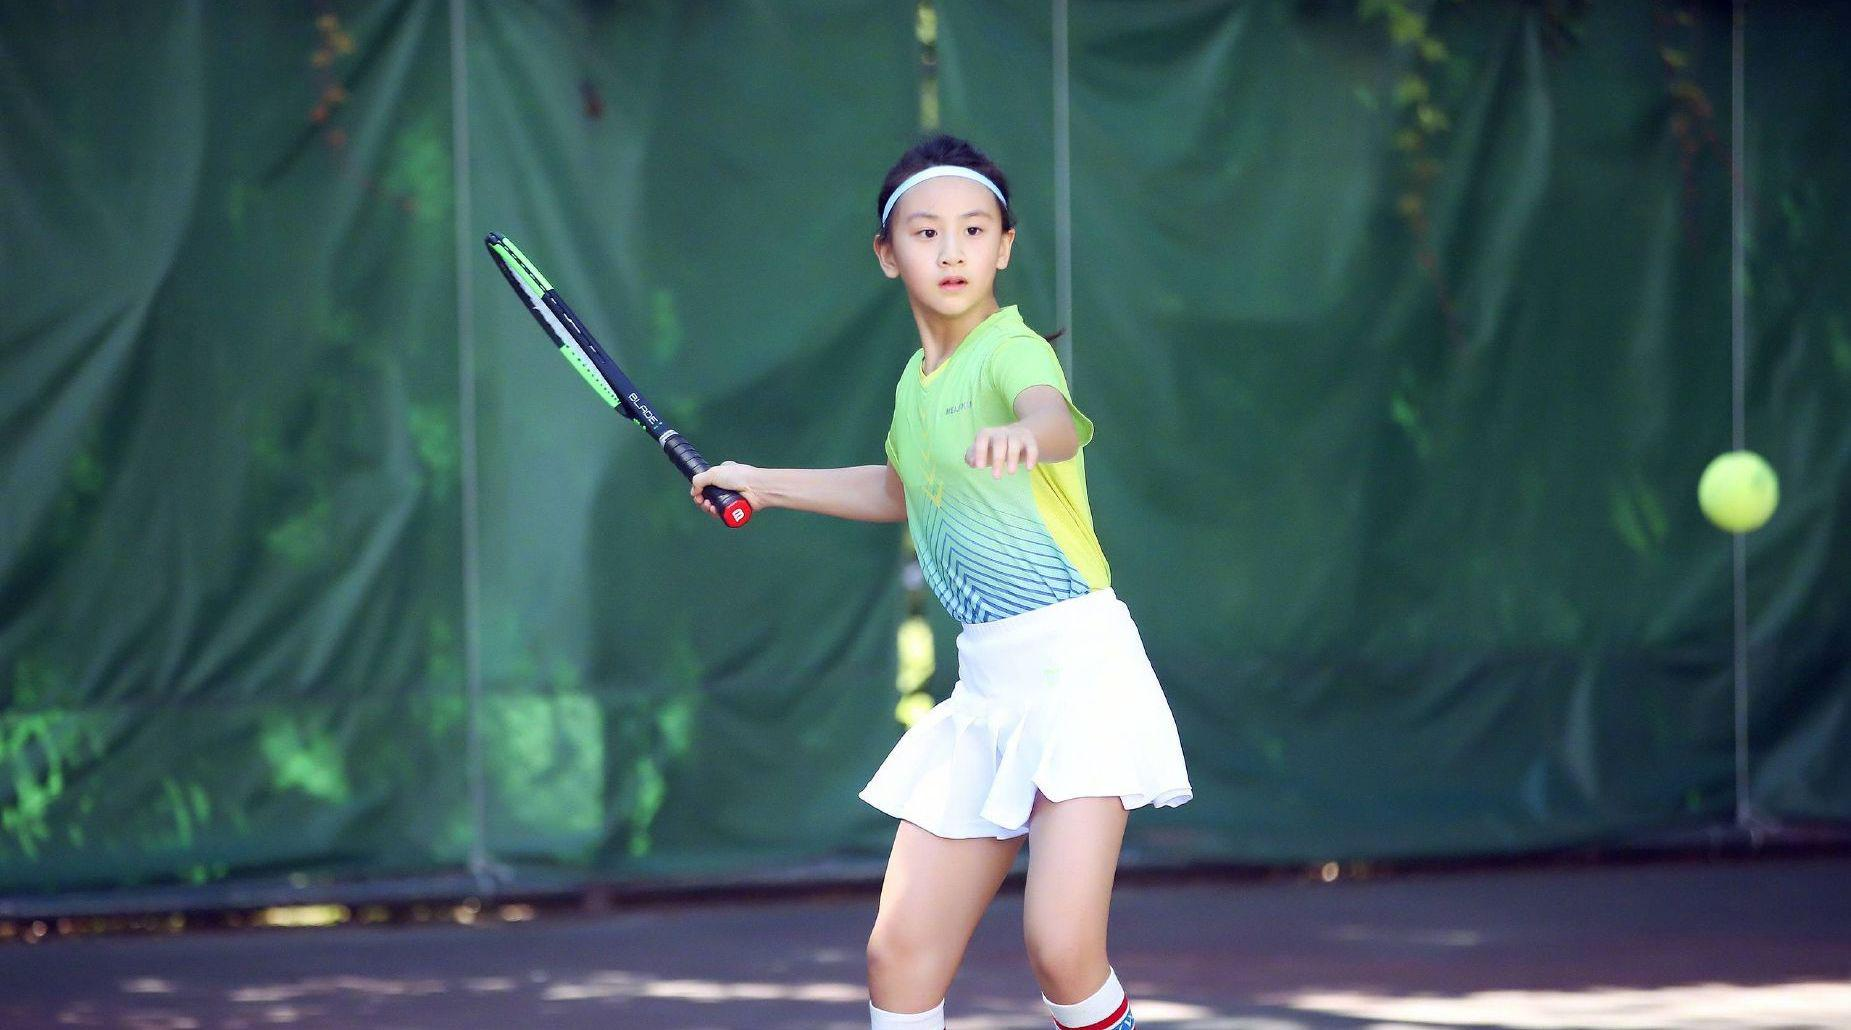 田亮女儿森碟现身某职业网球俱乐部……